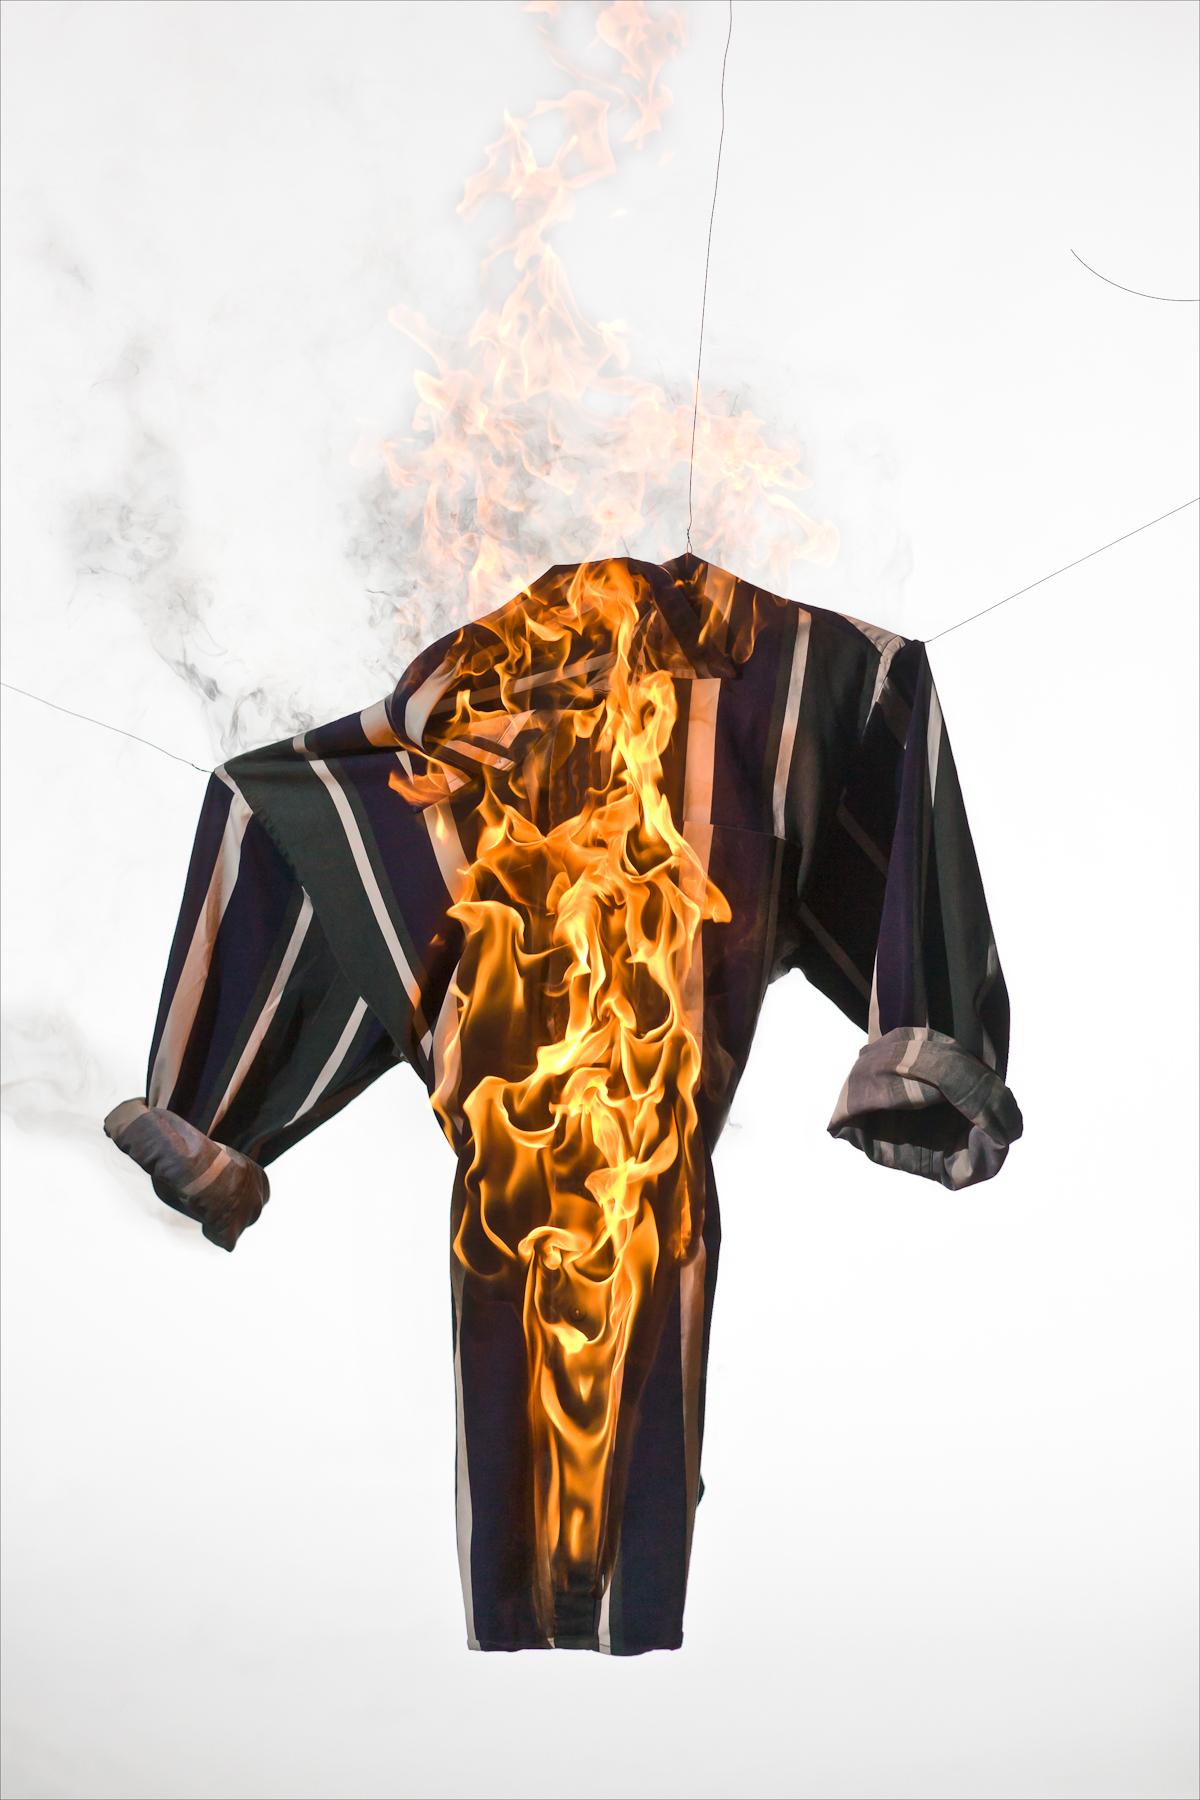 burning_garments-003.jpg